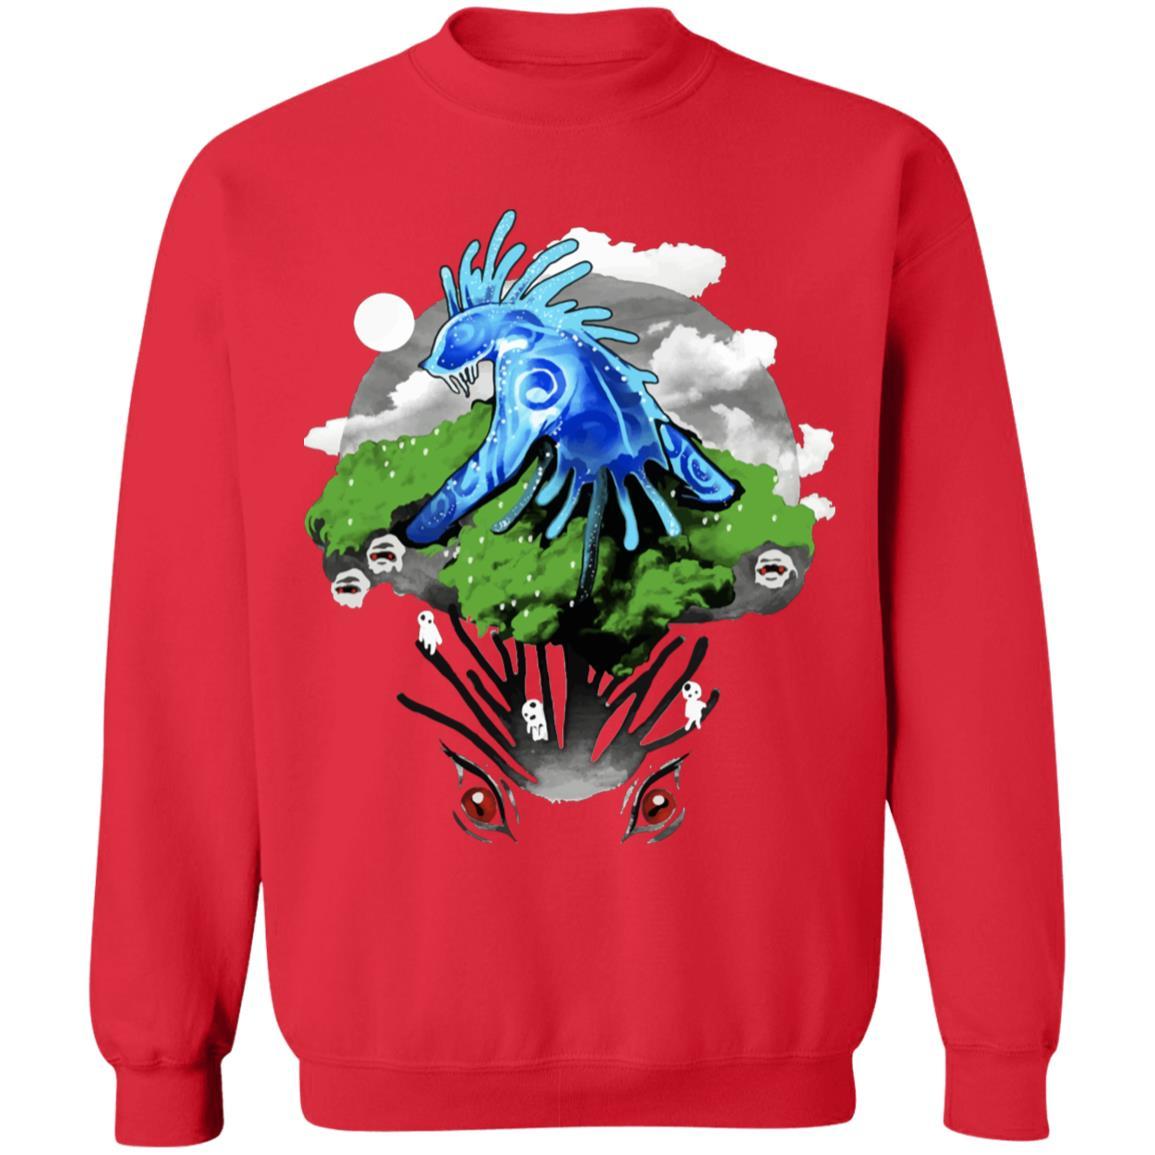 Princess Mononoke – Shishigami Essential Sweatshirt